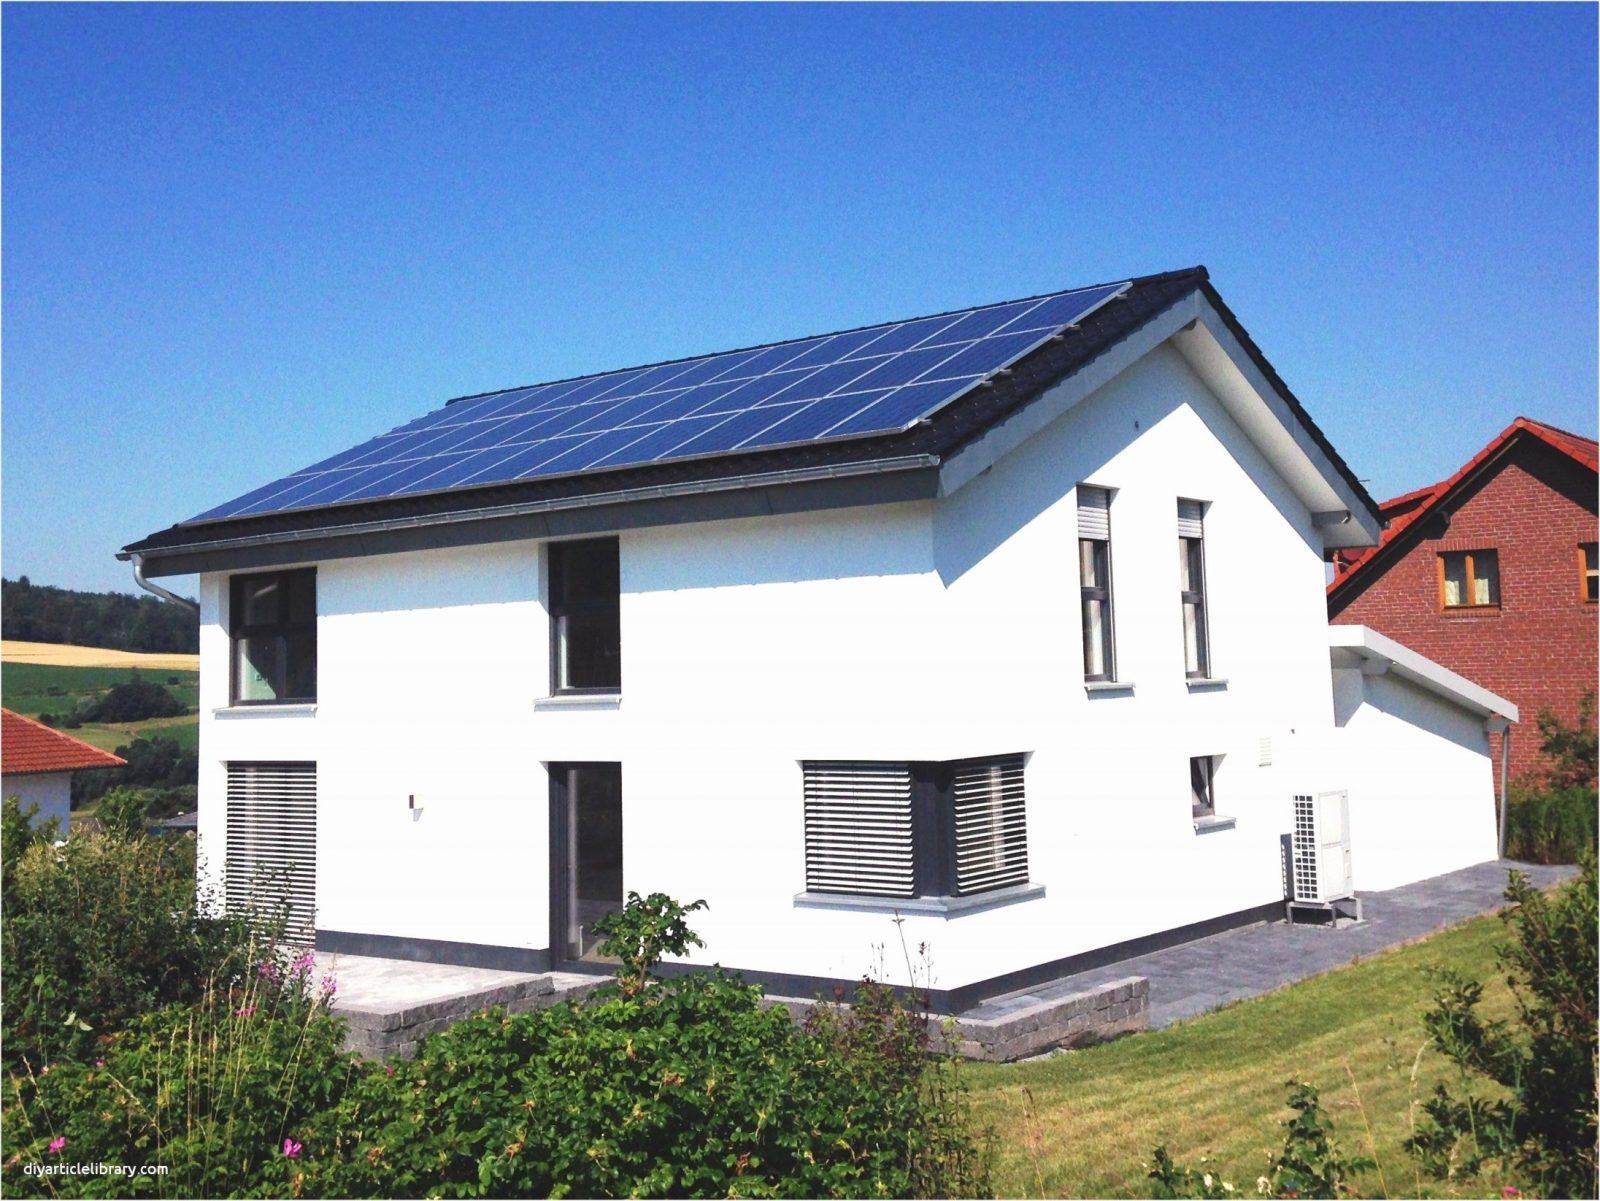 Bungalow Aus Holz Schön Kosten Hausbau M2 Ihr Haus Kaufen Haus Bauen von Bungalow Selber Bauen Kosten Photo